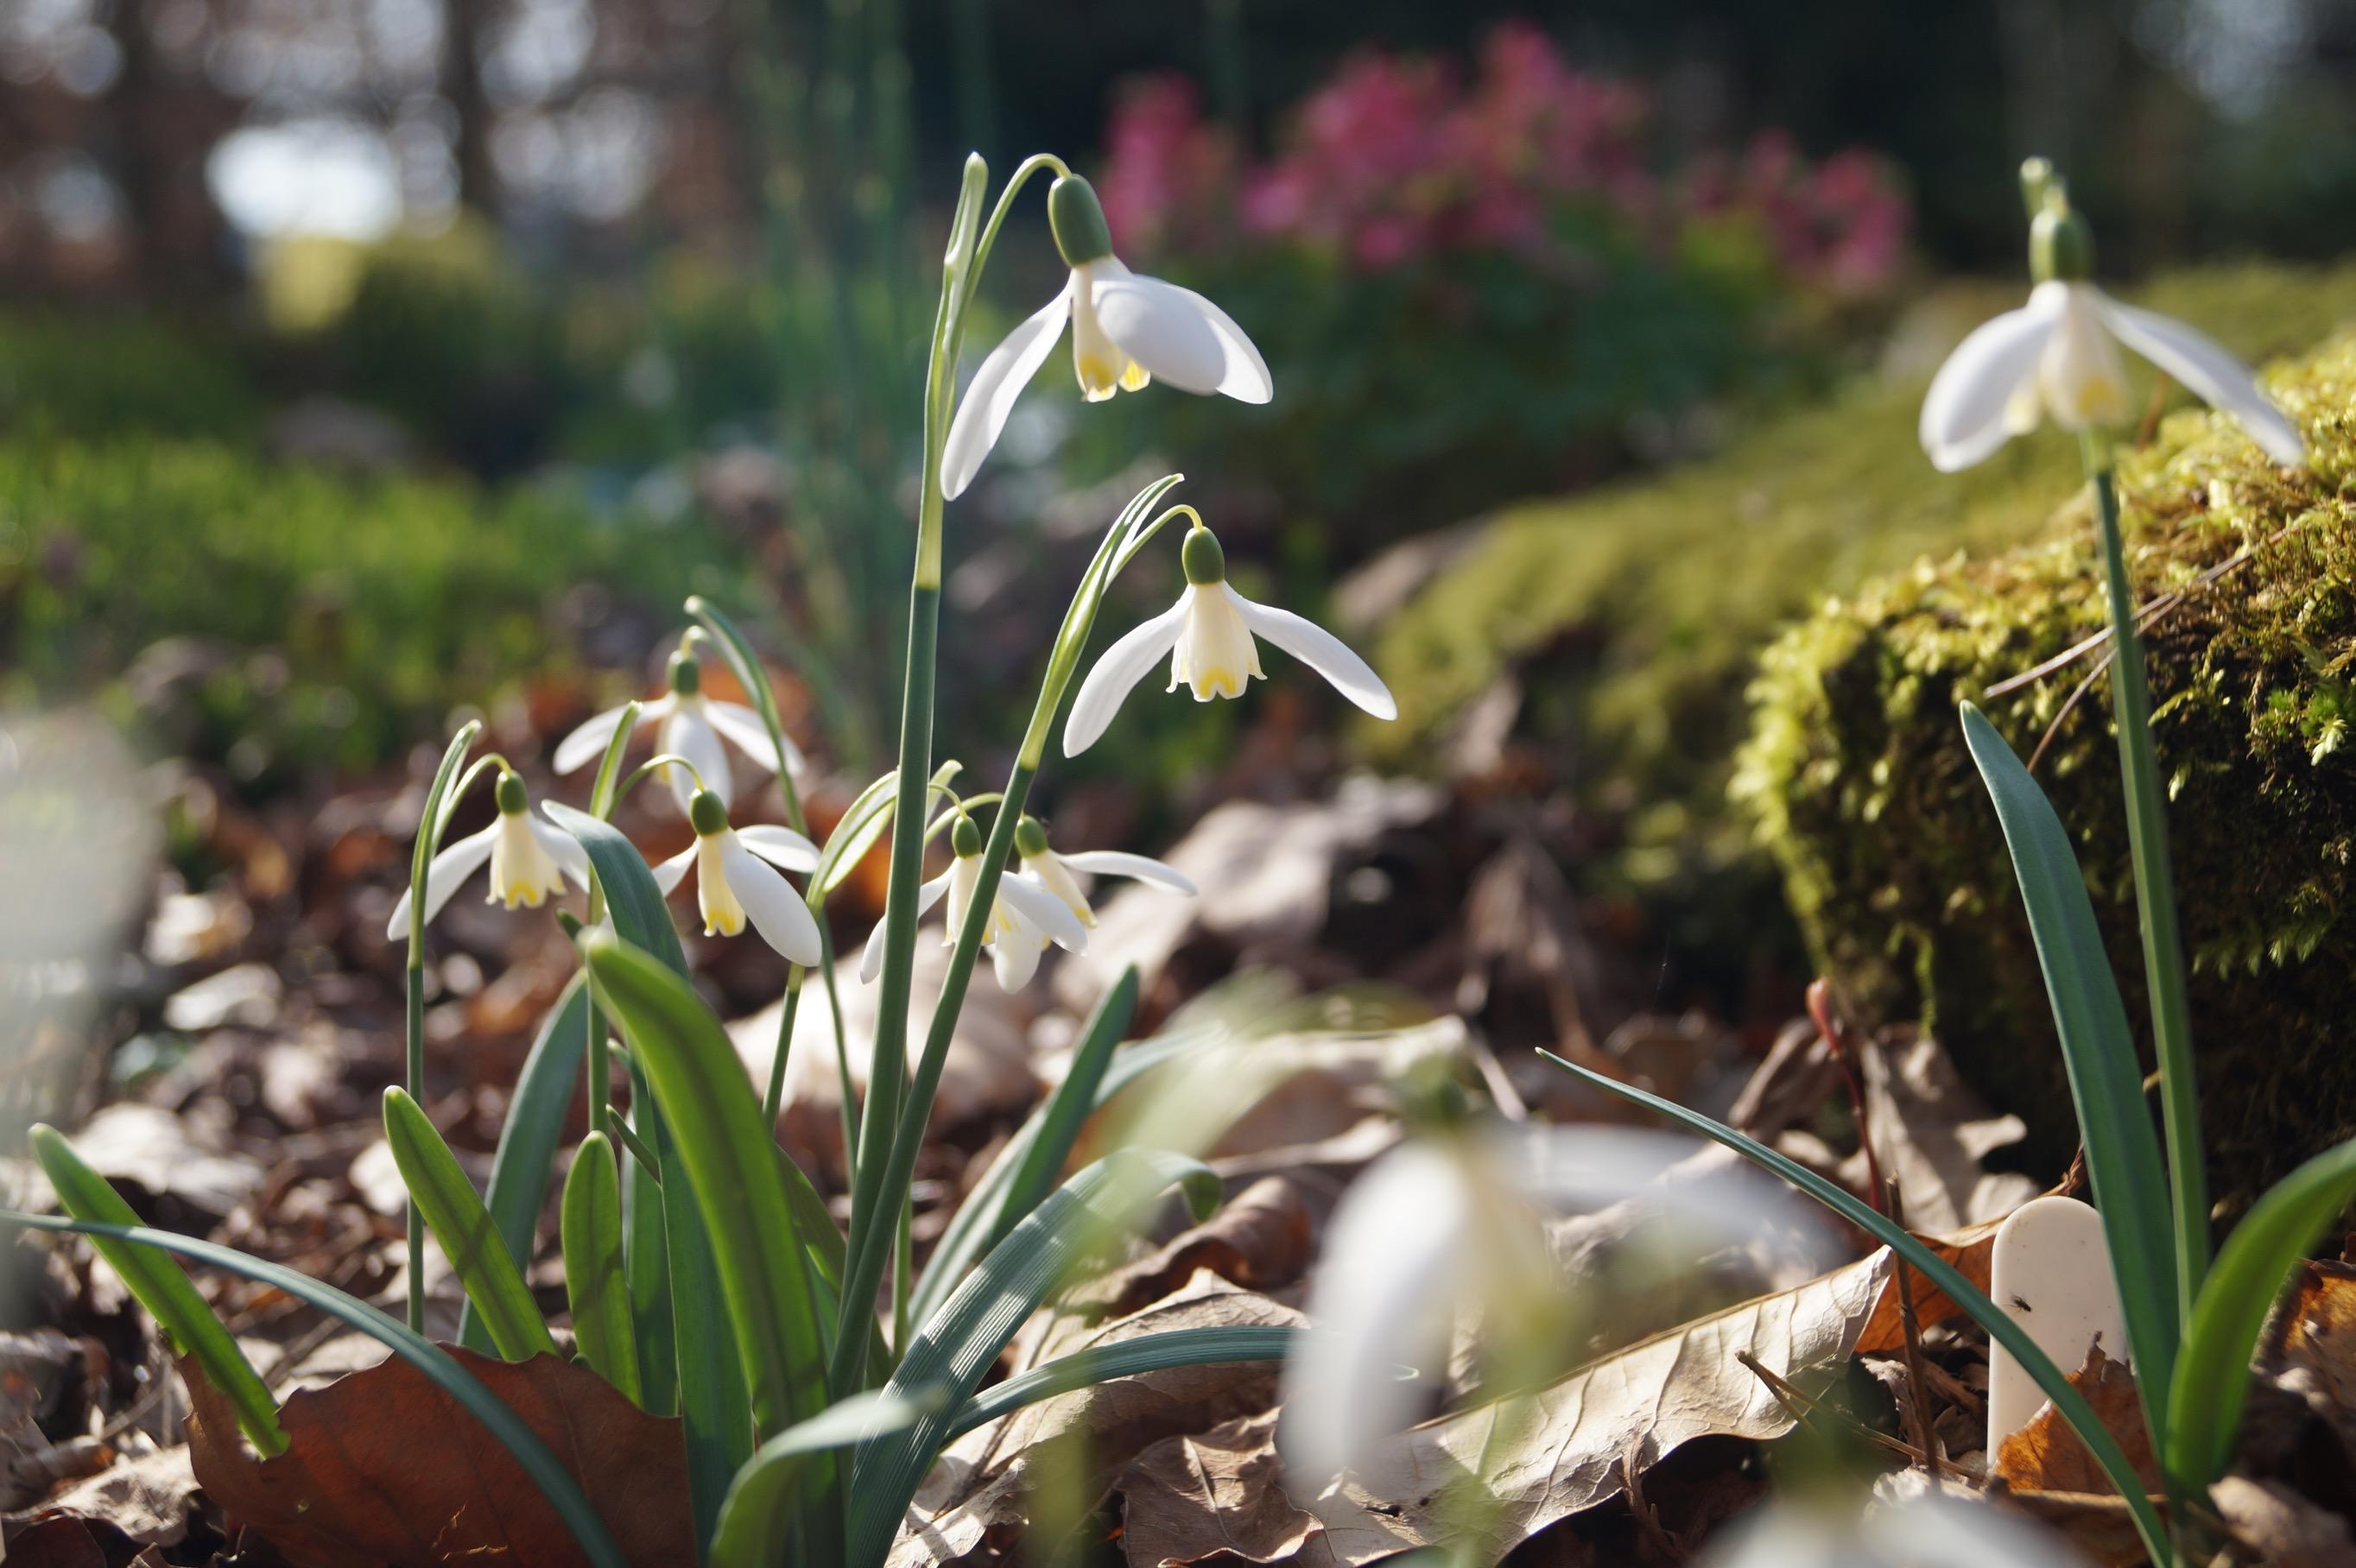 galanthus_nivalis_blonde_inge_morlas_plants